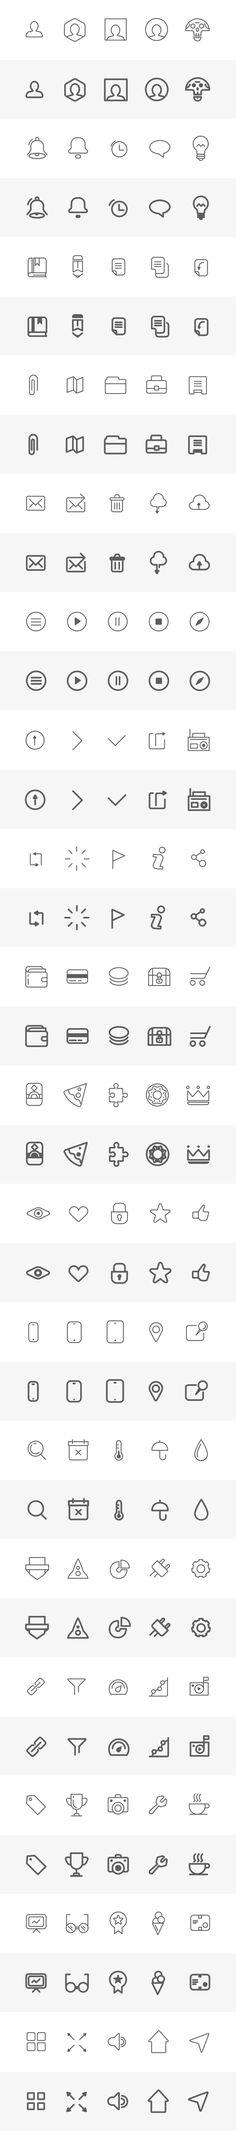 Free Wireframe Icons by s-pov spovv, via Behance